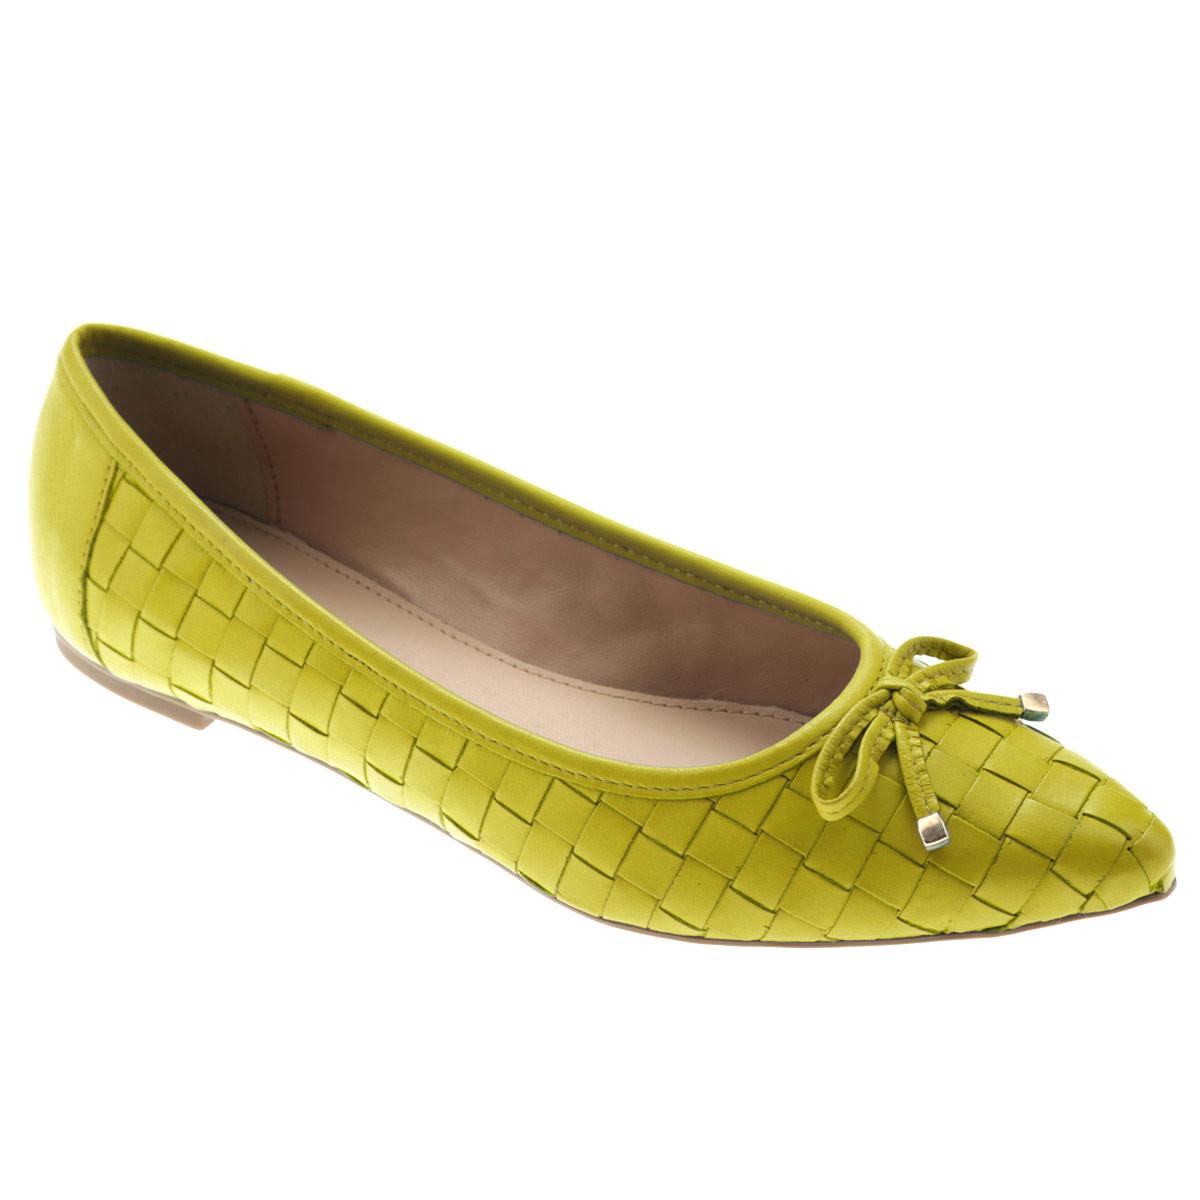 Балетки Tabita, цвет: желтый. 6043460. Размер BRA 39 (40)6043460Яркие балетки от Tabita внесут эффектные нотки в ваш модный образ. Модель выполнена из натуральной высококачественной кожи и оформлена декоративным плетением. Мыс изделия декорирован милым кожаным бантиком, дополненным на концах металлическими пластинами. Заостренный носок - тренд сезона! Стелька из искусственной кожи комфортна при движении. Низкий каблук - с противоскользящим рифлением.Удобные балетки - незаменимая вещь в гардеробе каждой женщины.